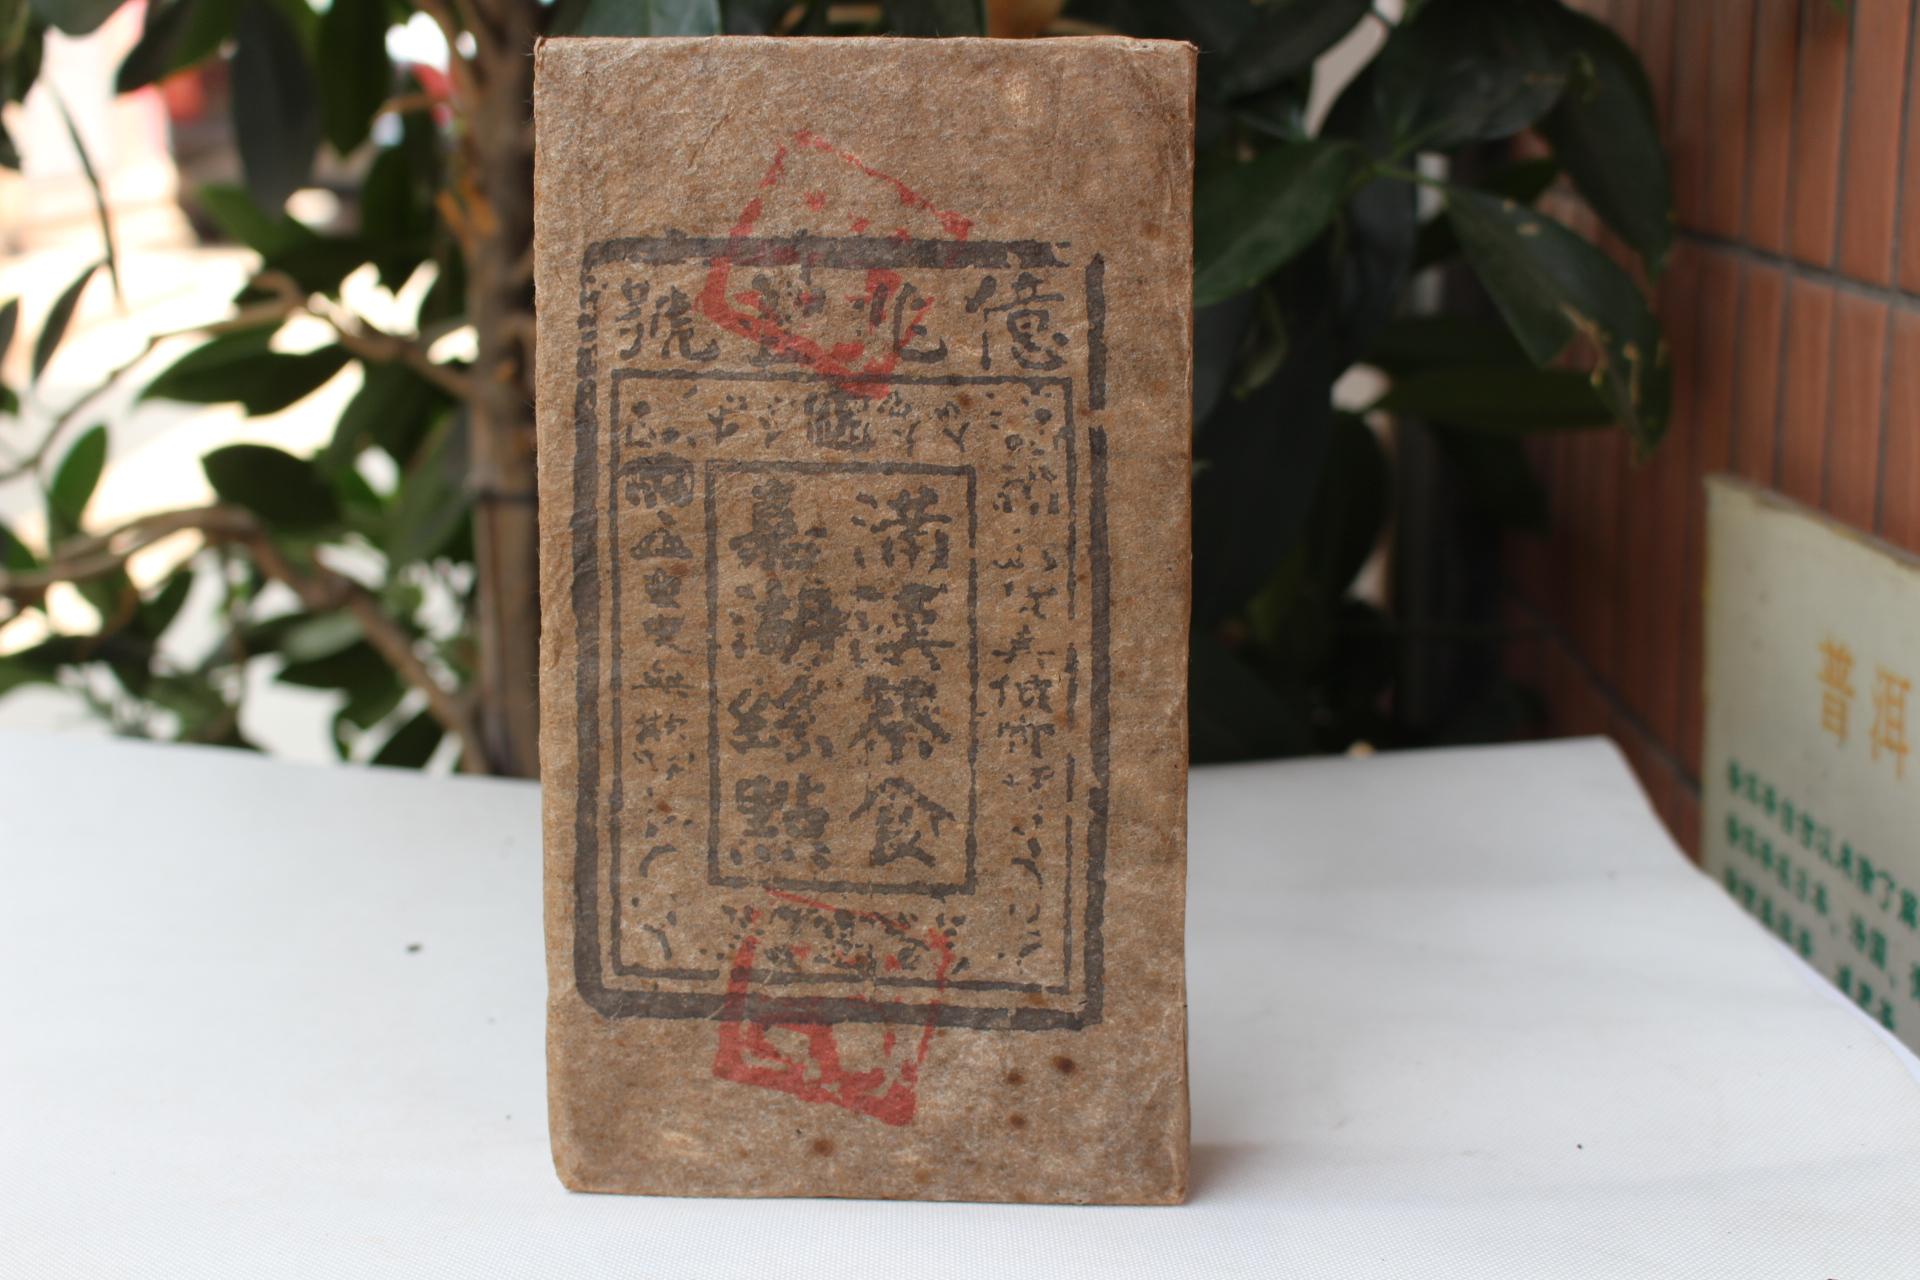 普洱茶熟茶 古董古玩杂项收藏 亿兆丰号茶砖 老普洱茶1000克包邮